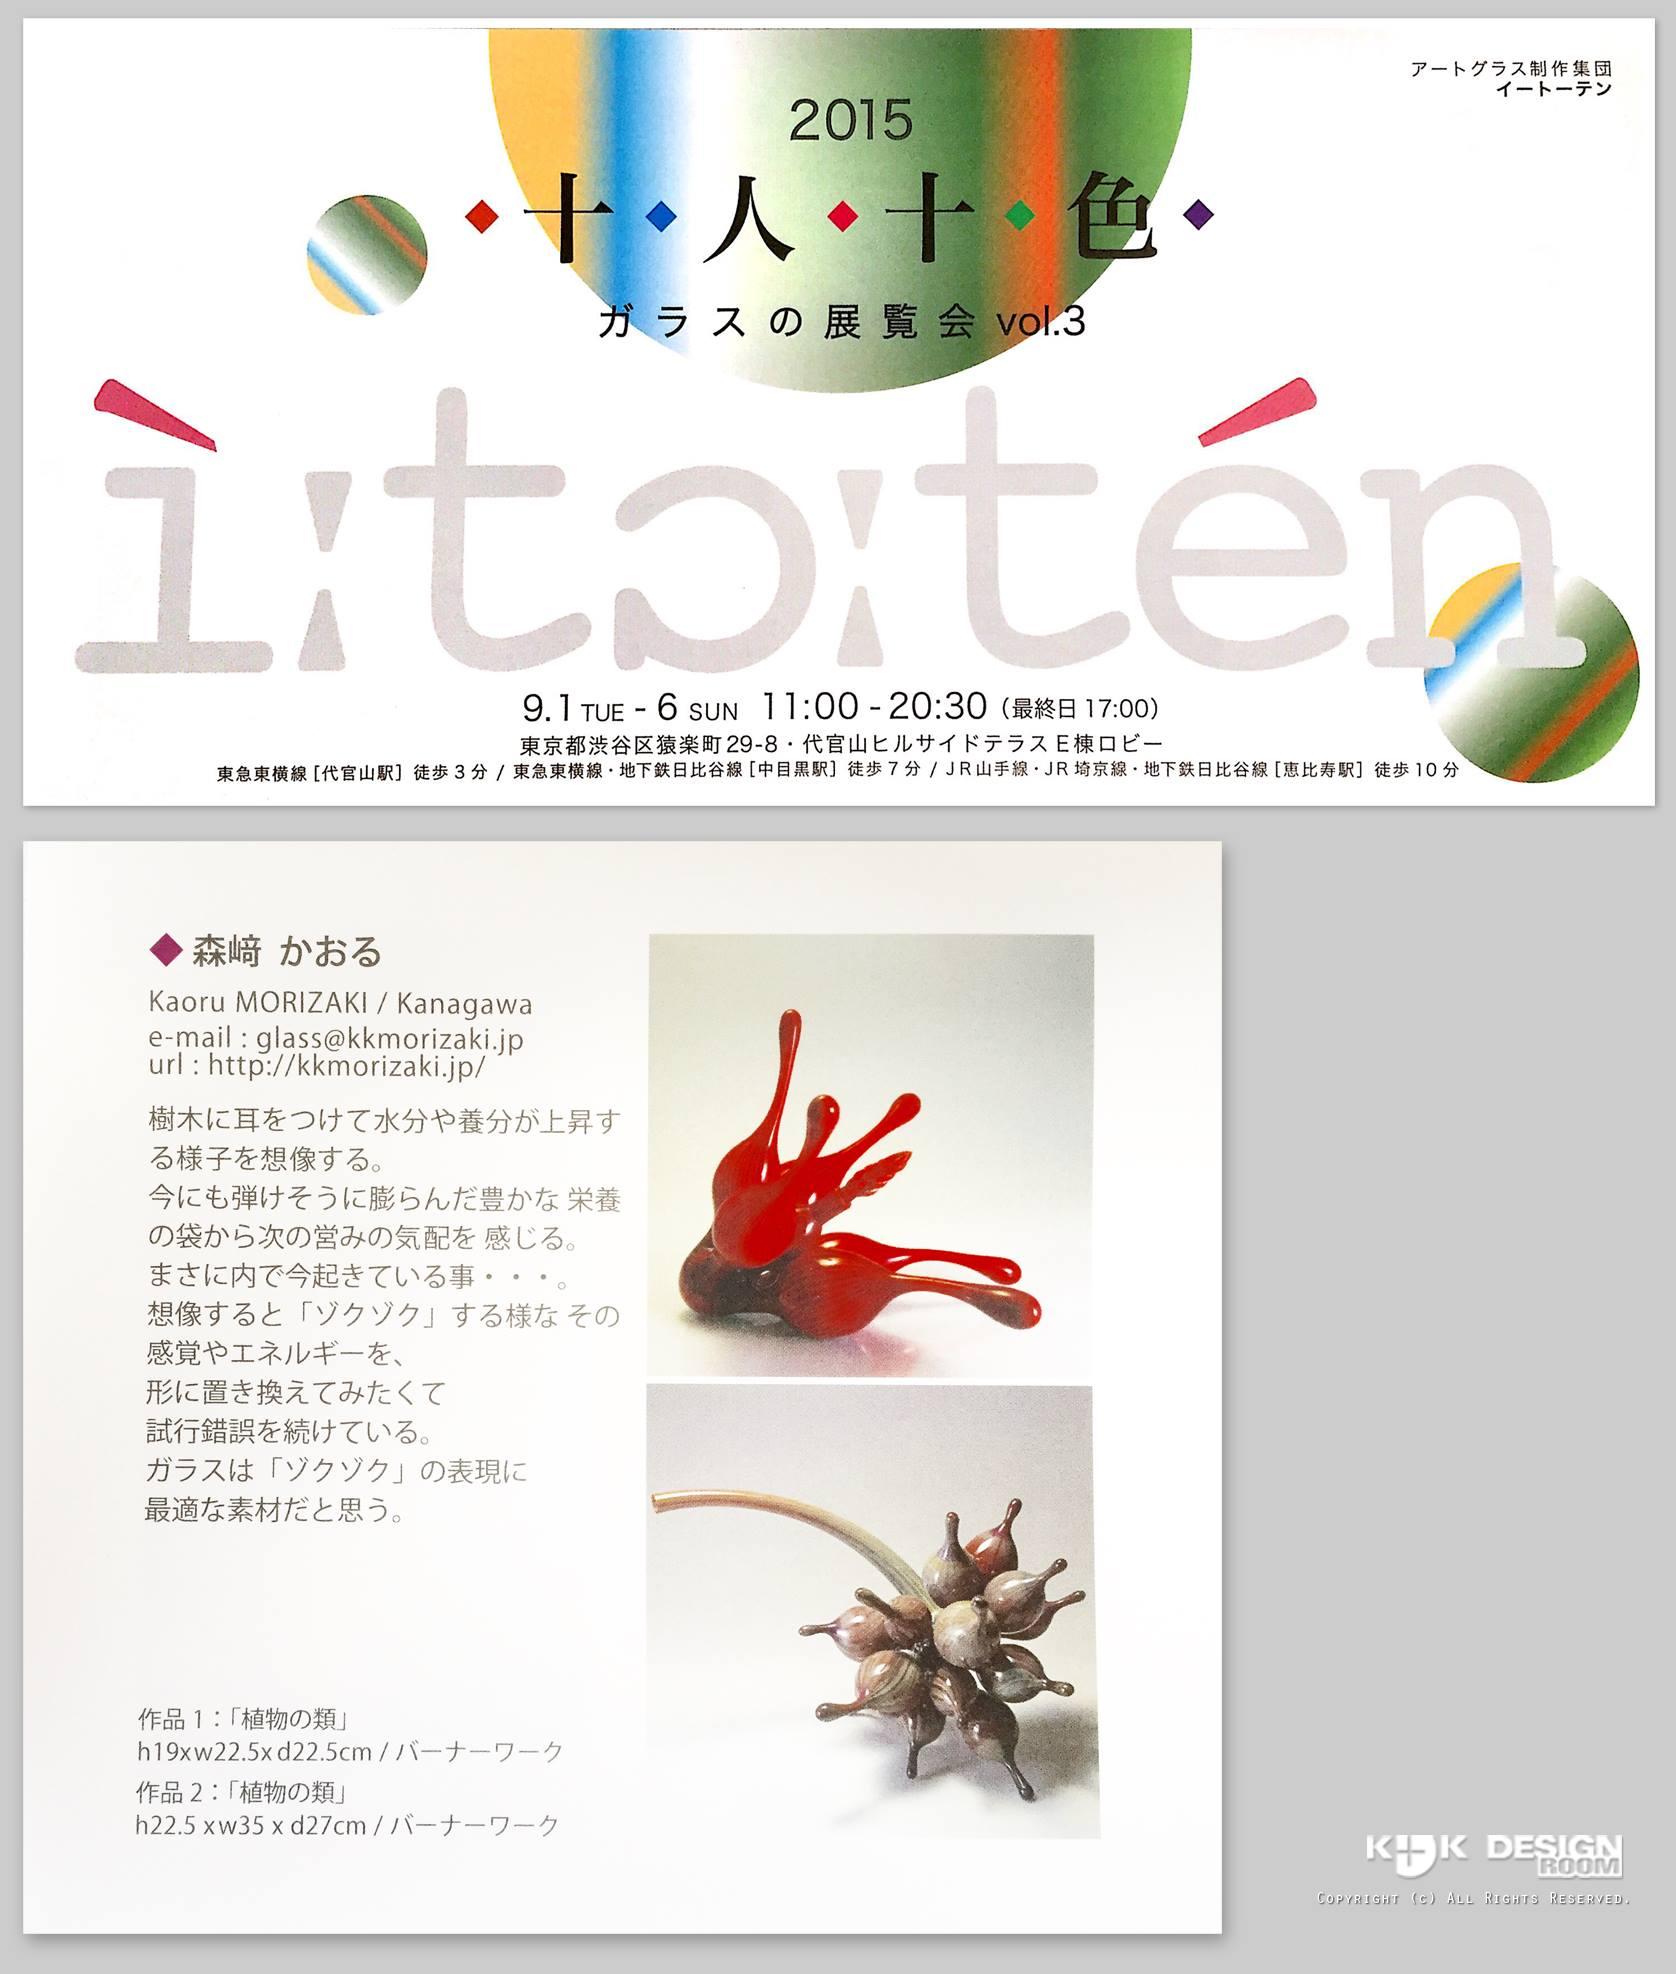 イートーテン 2015 十人十色 ガラスの展覧会 vol.3